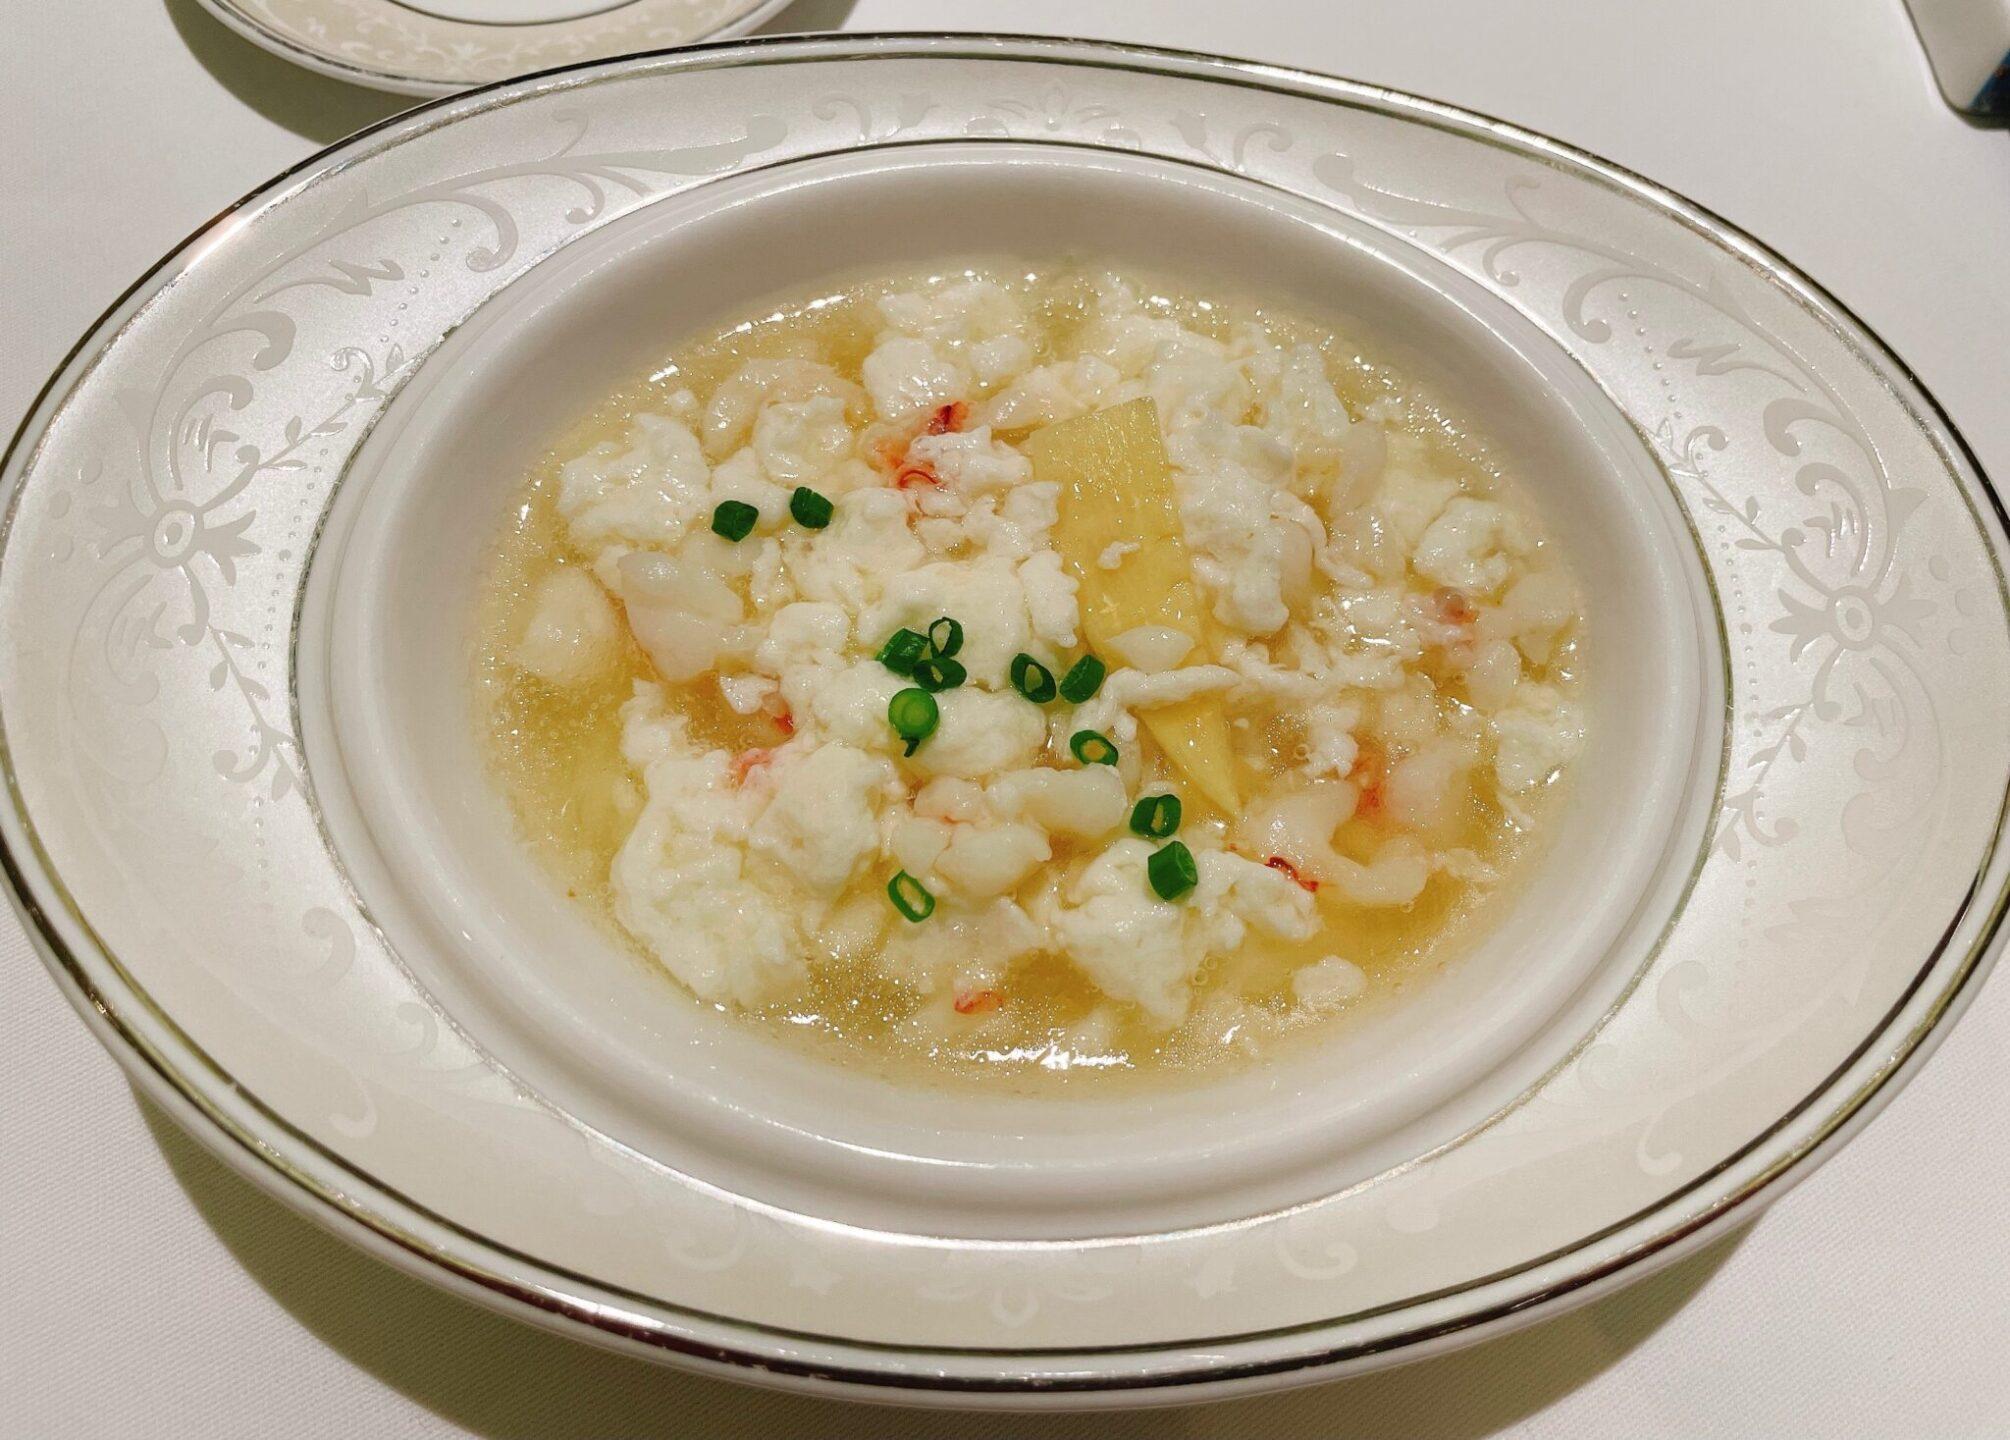 厲家菜(レイカサイ)銀座のエビと卵白炒め